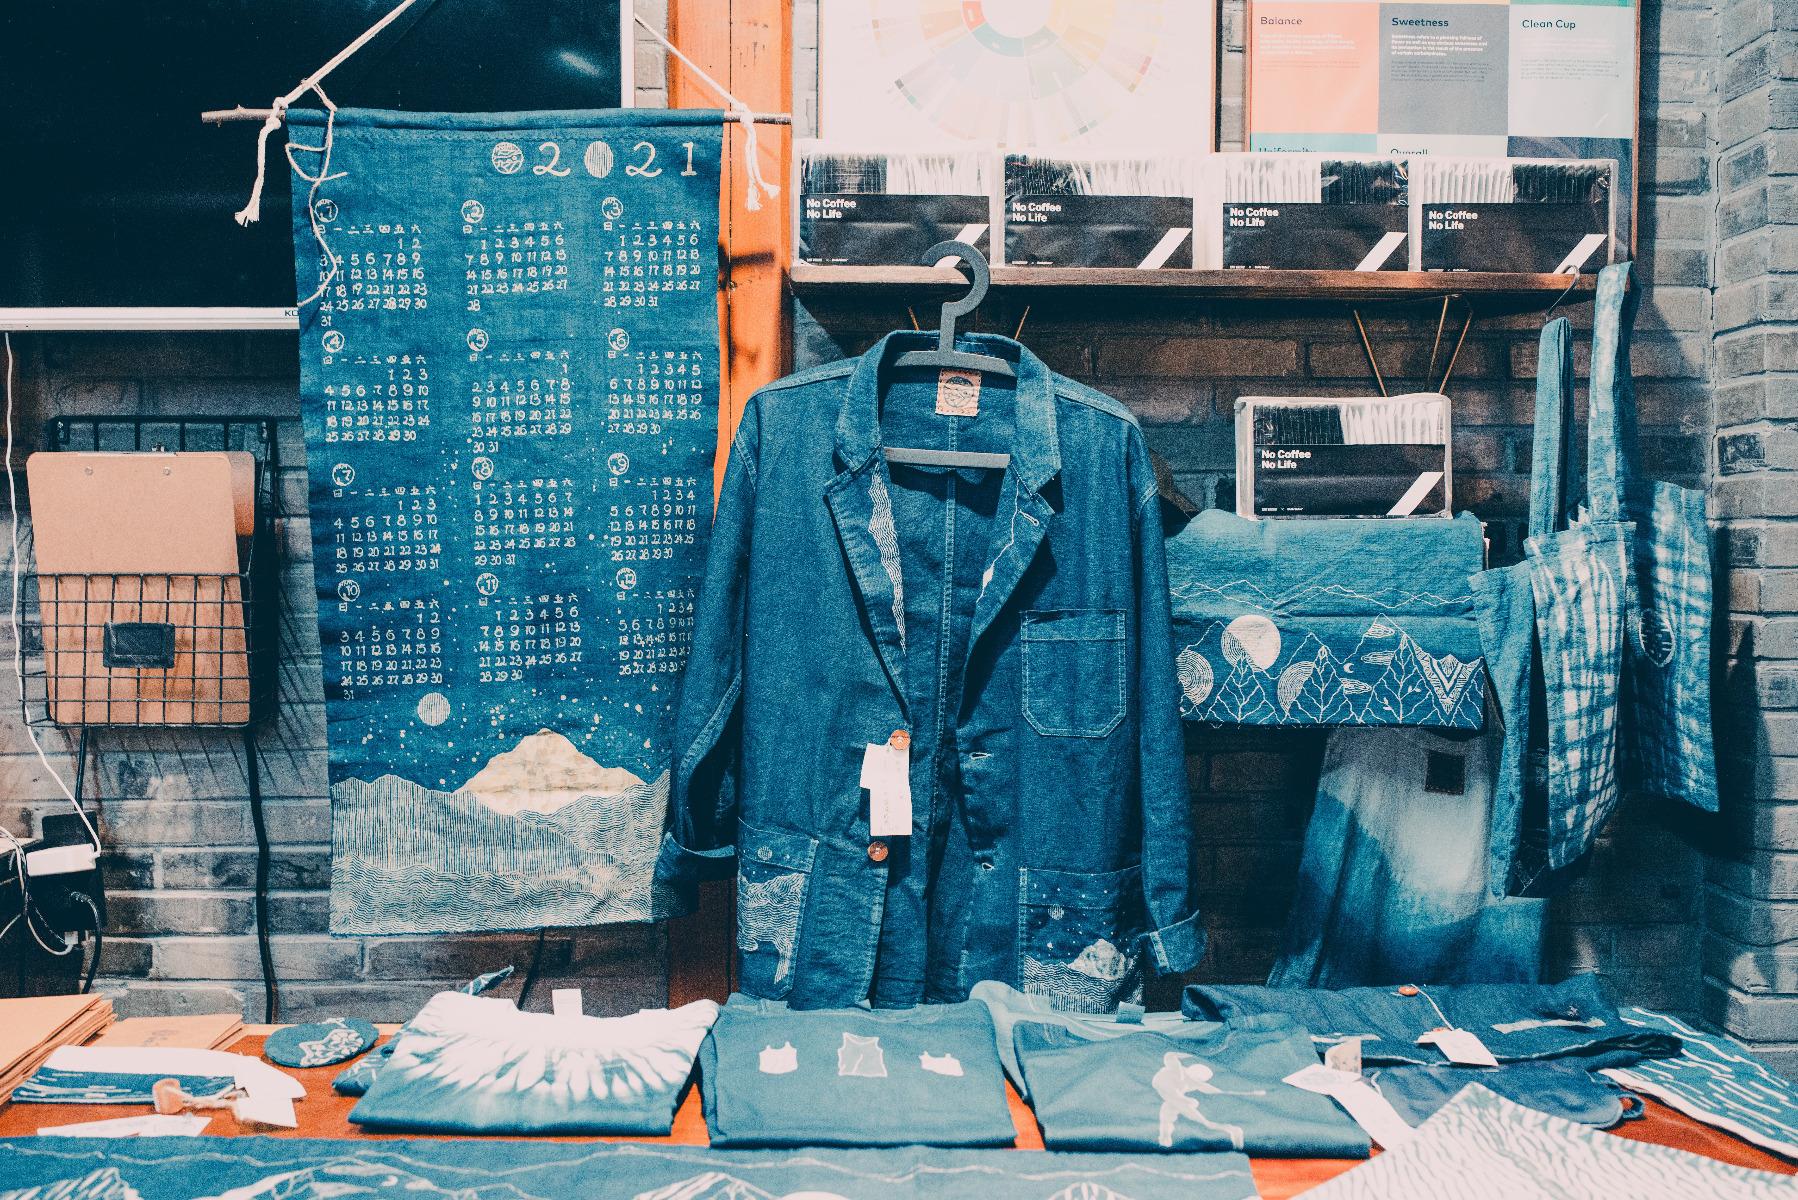 italian jeans fabrics